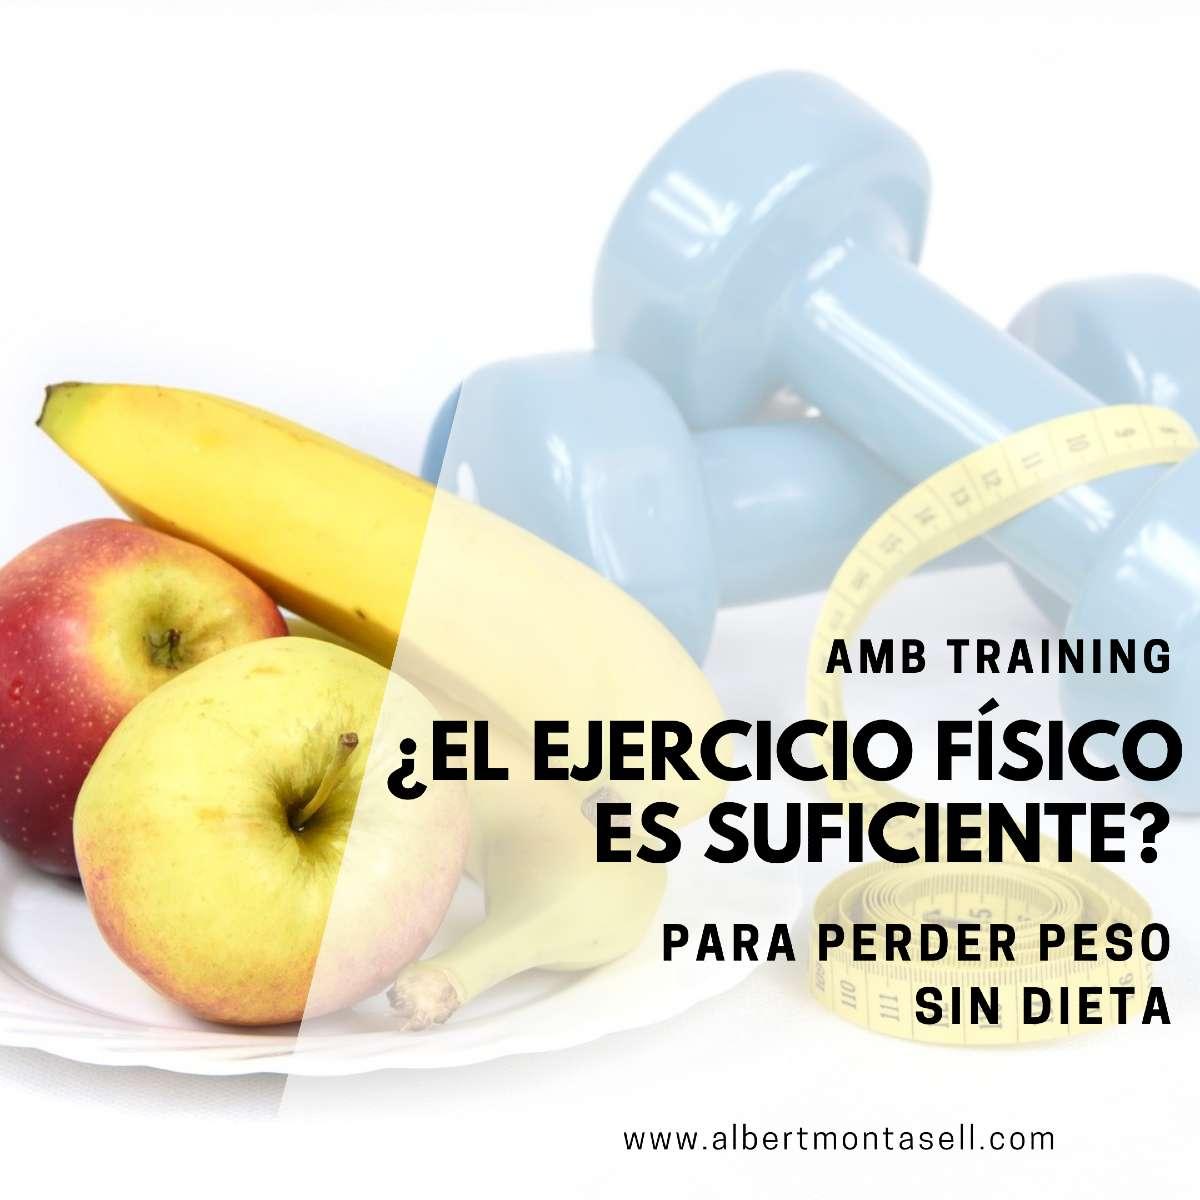 si hago ejercicio sin dieta puedo adelgazar?